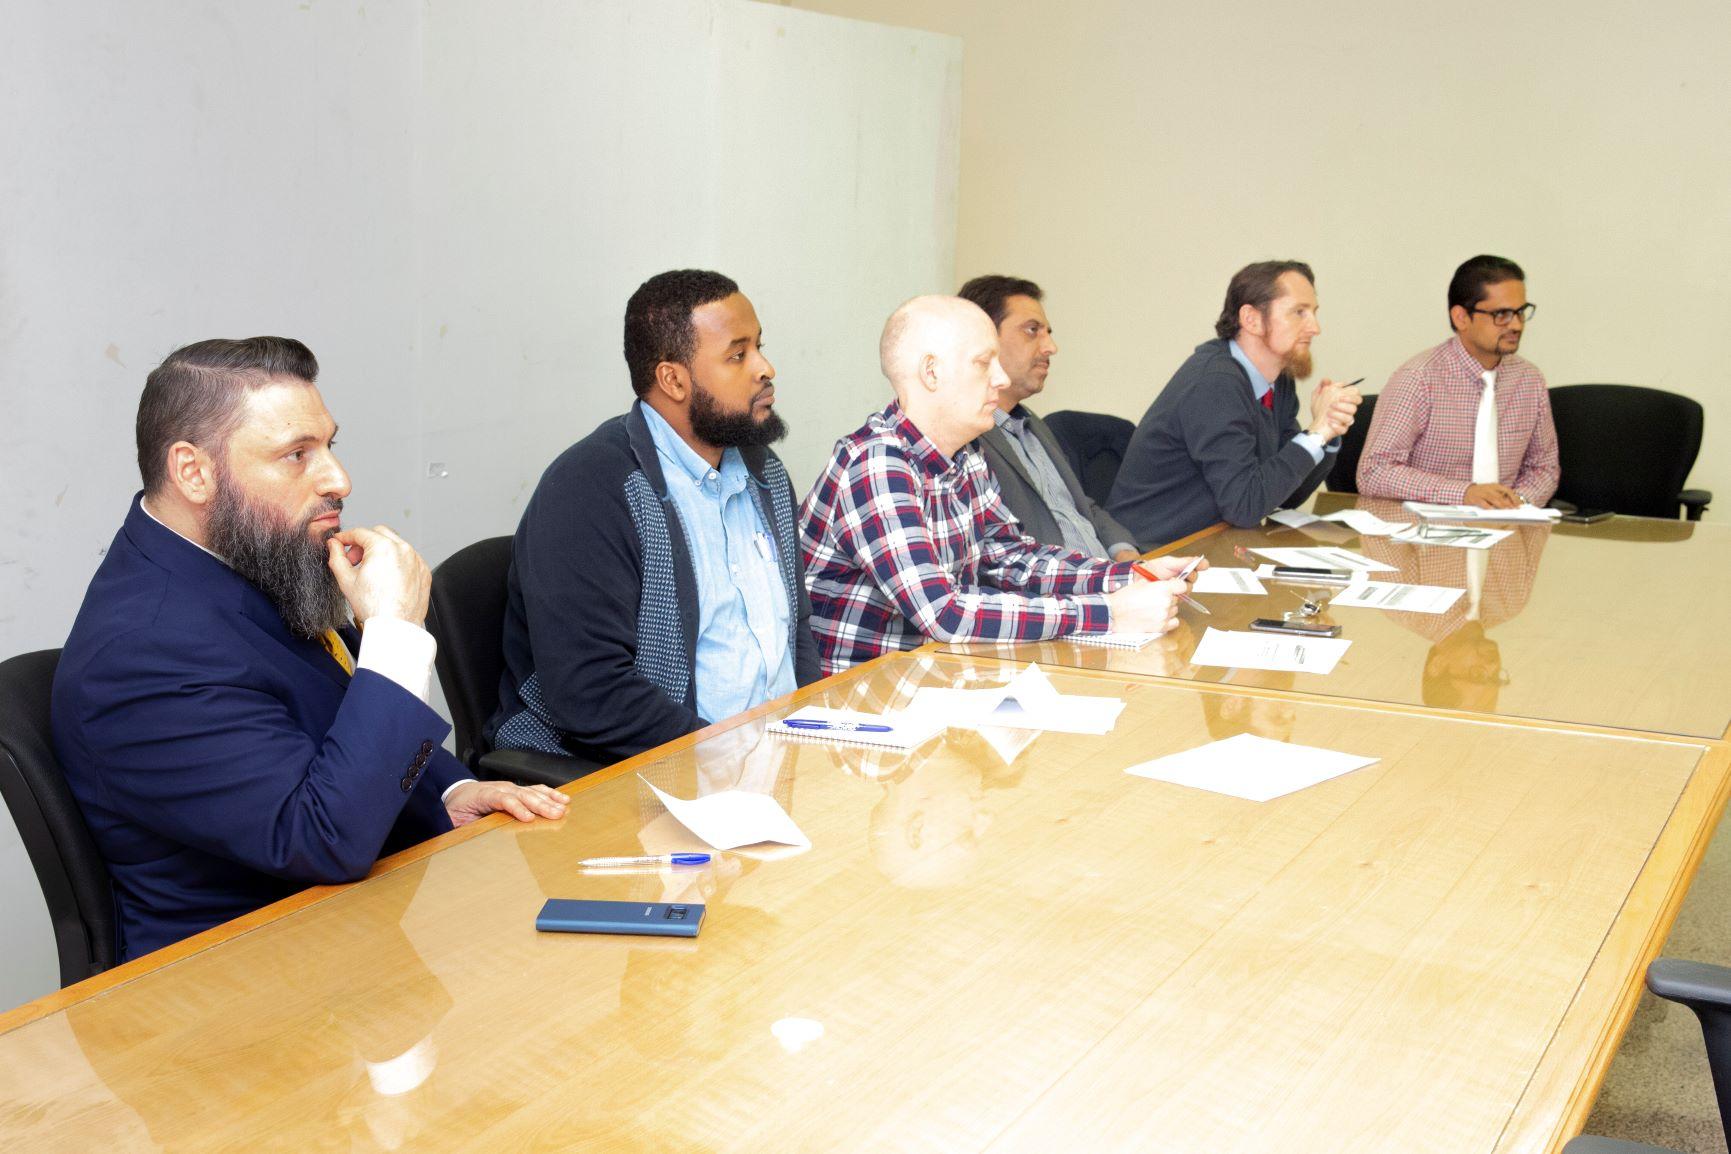 الإعداد الجامعي يواصل ورش عمل التطوير المهني لقسم اللغة الانجليزية